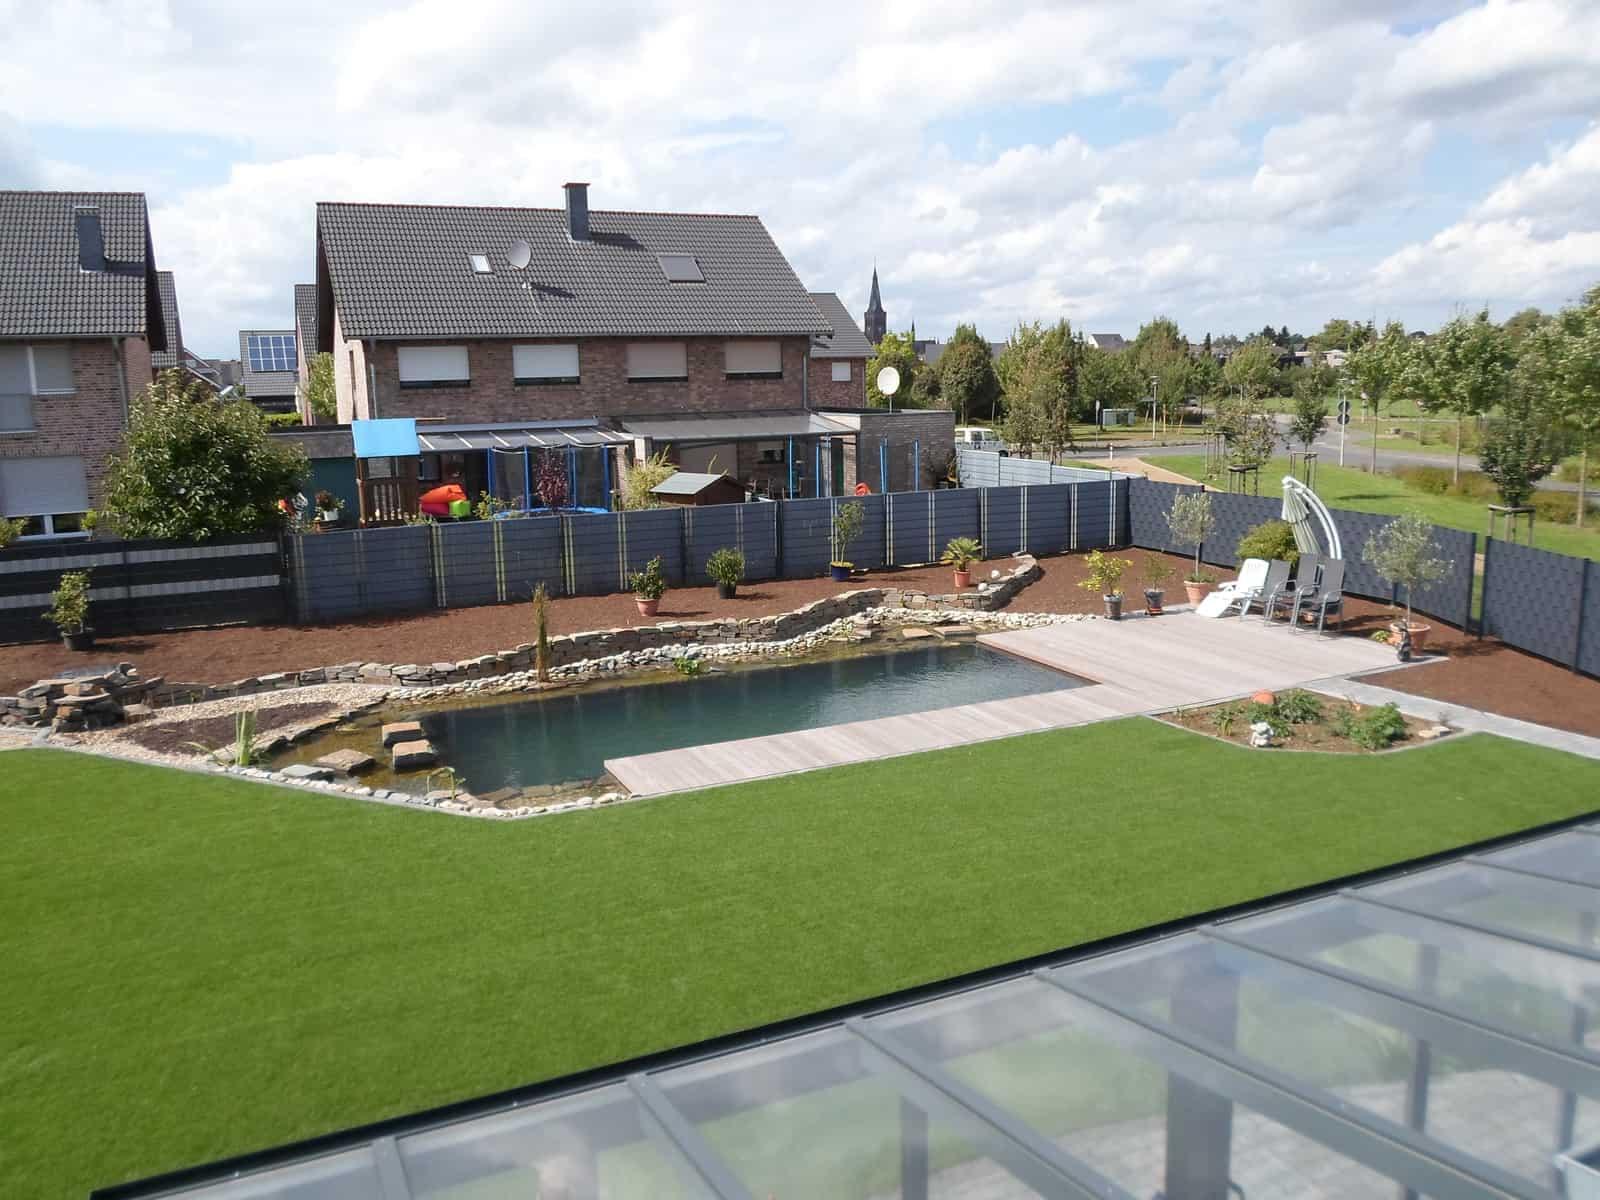 Schwimmteichanlage mit Holzterrasse und Natursteinmauer, Fertigrasen